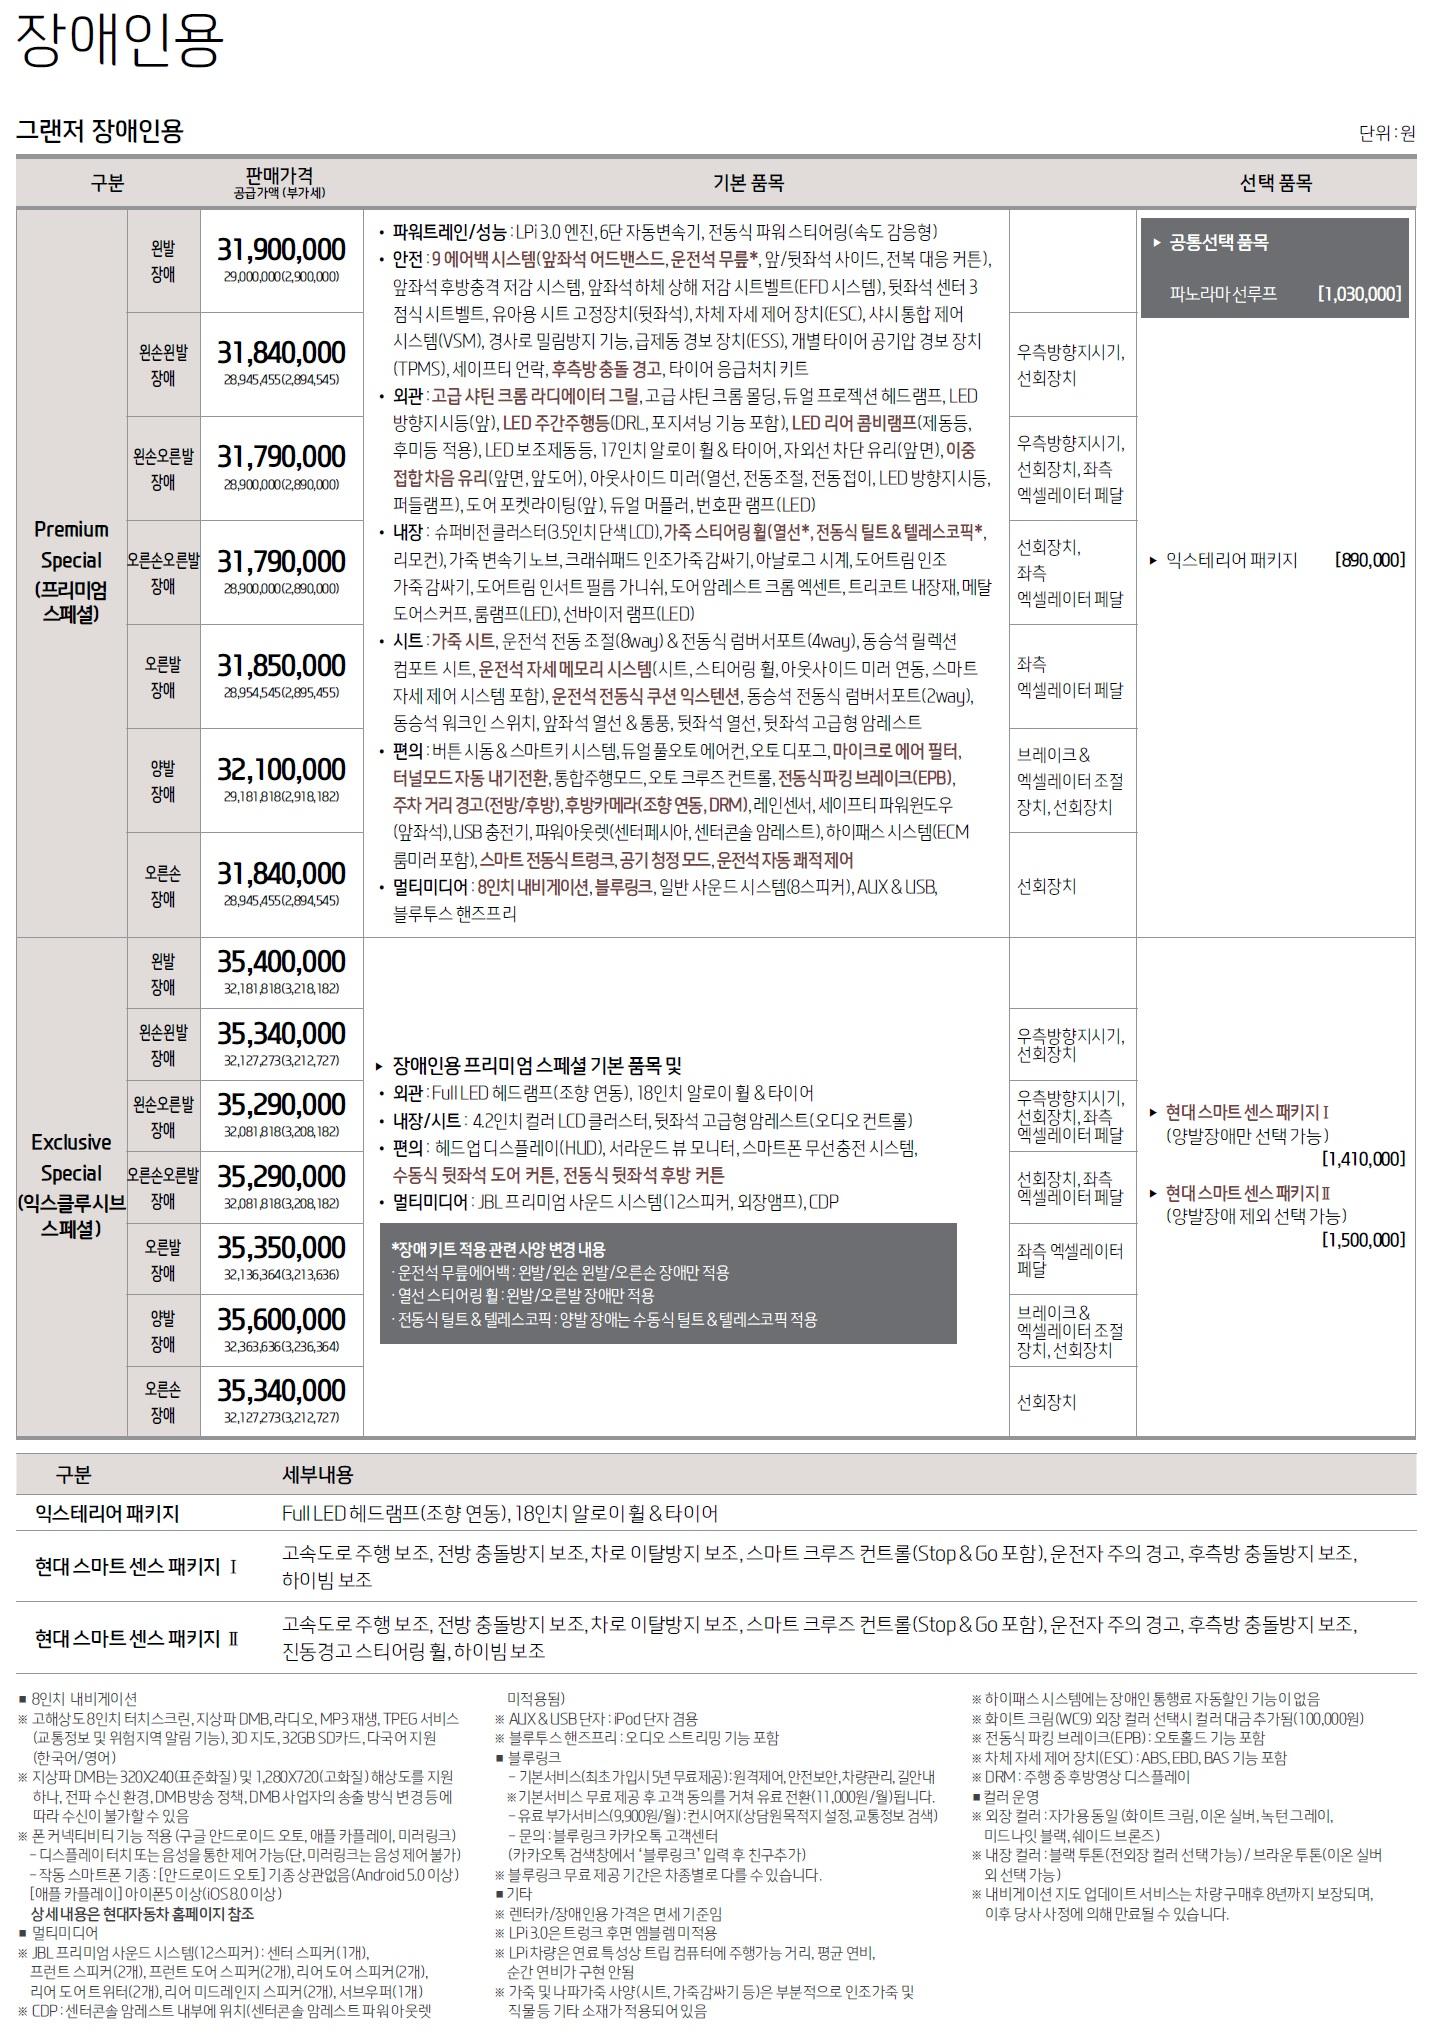 그랜저IG 가격표 - 2019년 06월 -5.jpg